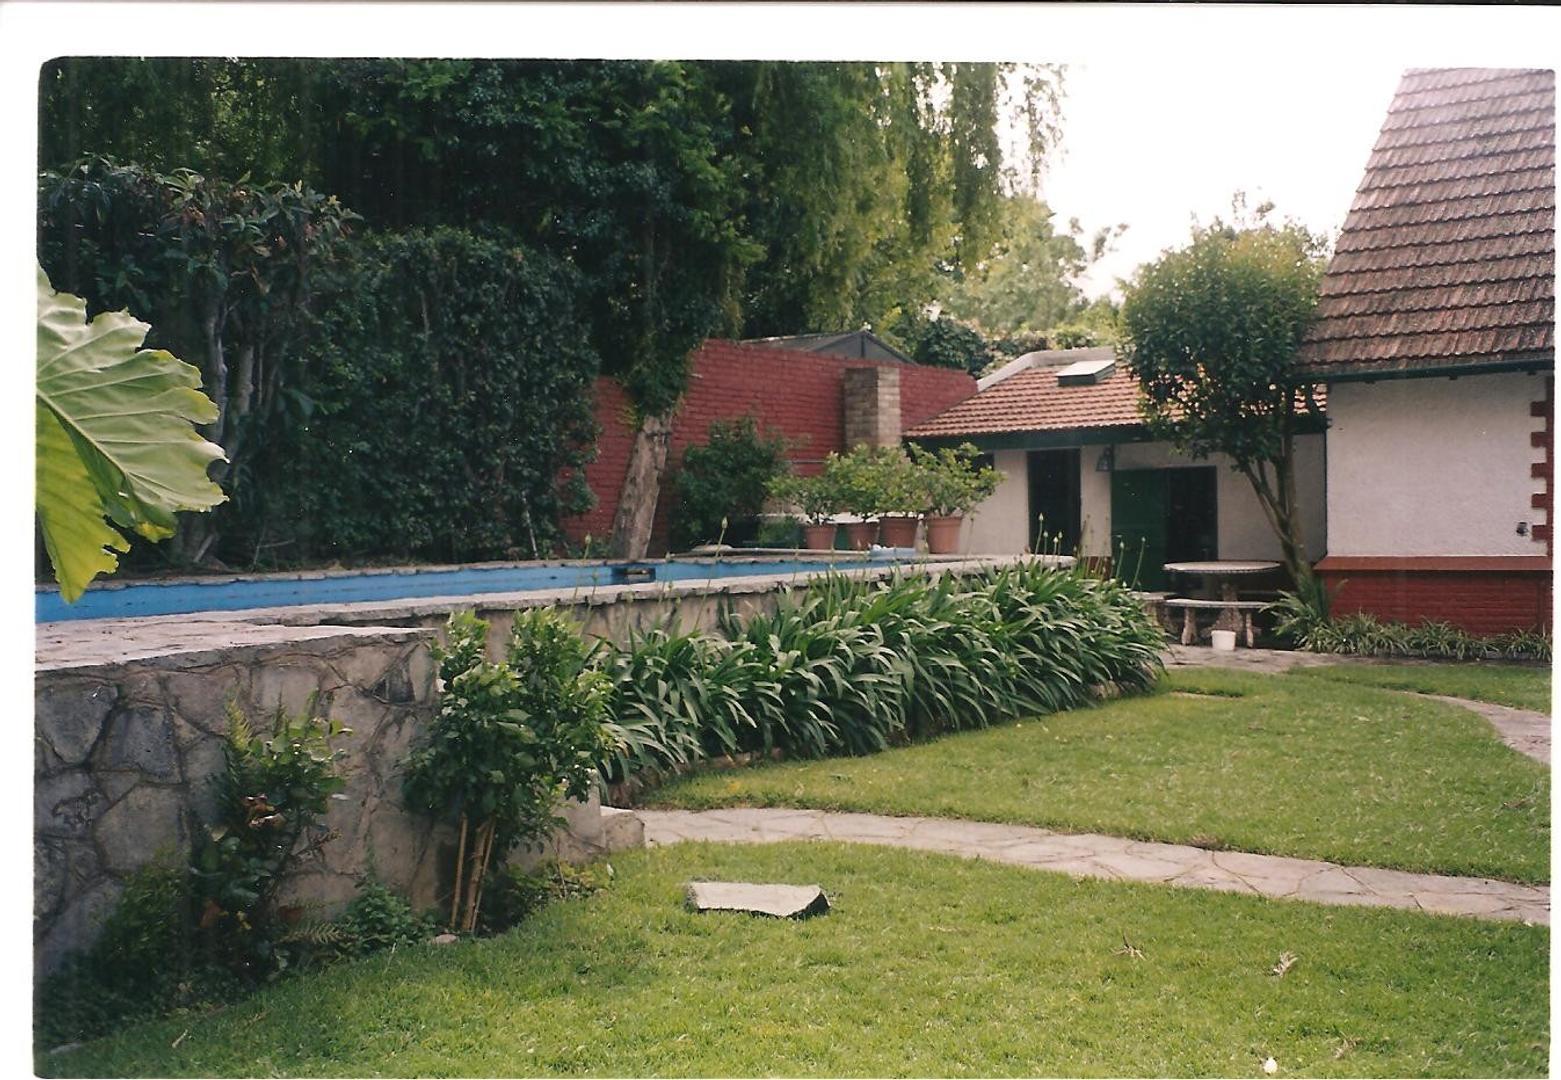 Casa - 400 m² | 4 dormitorios | 70 años